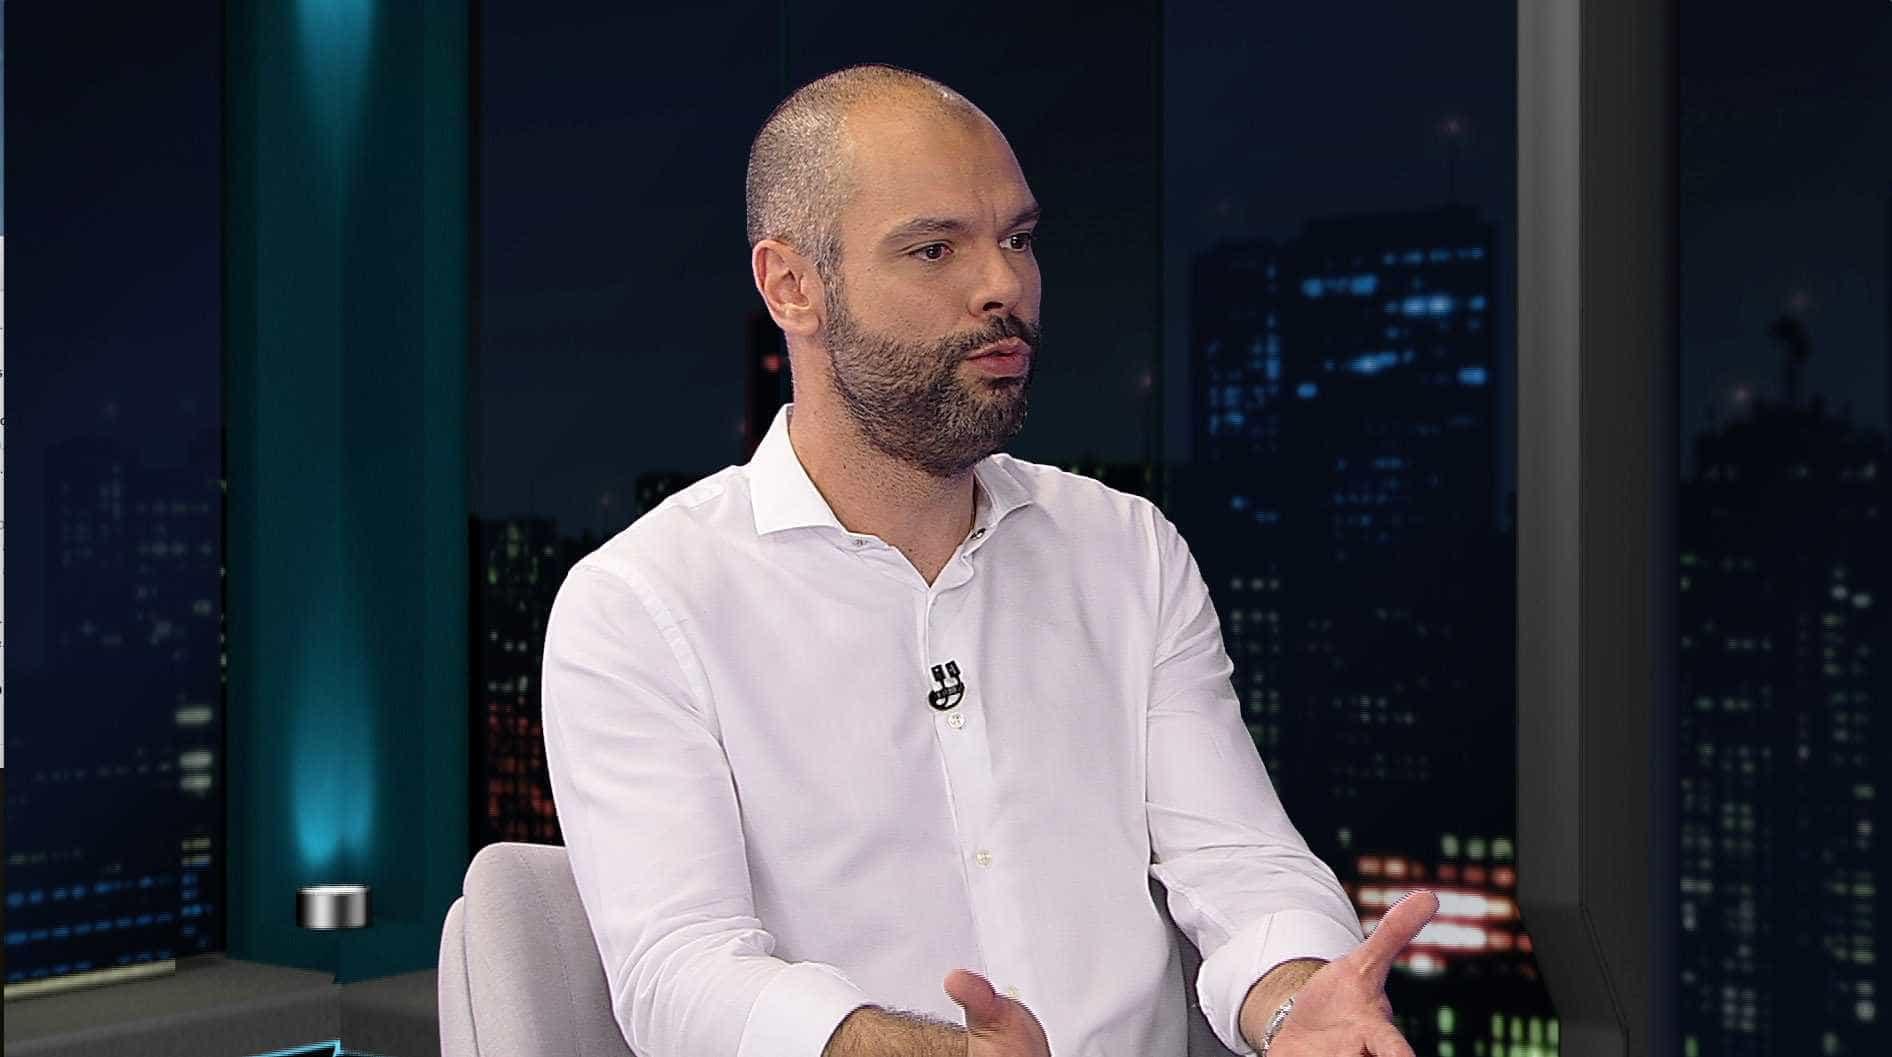 Reforma da previdência paulistana empaca na Câmara e preocupa Covas